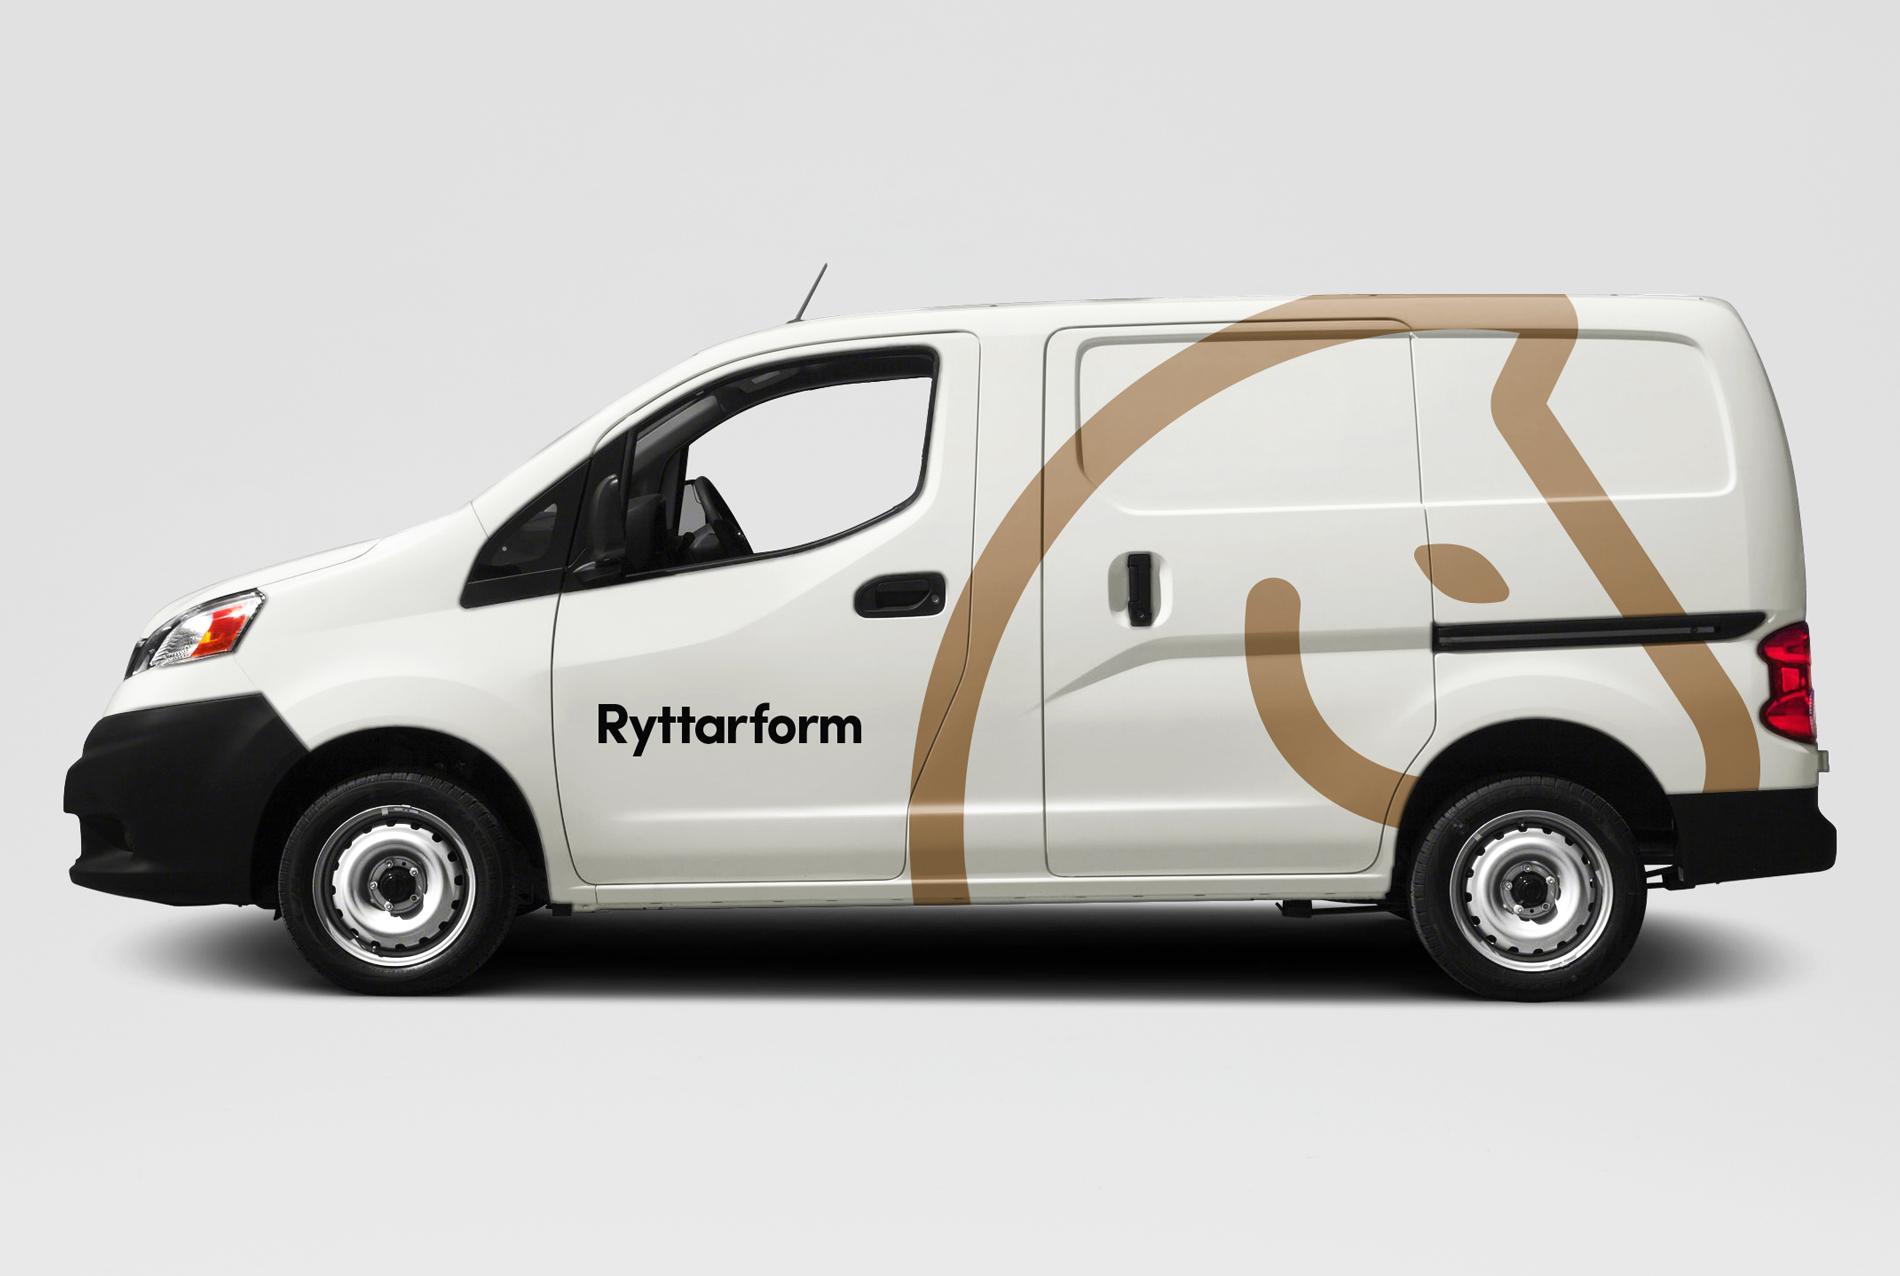 Ryttarform_Minivan-Mockup